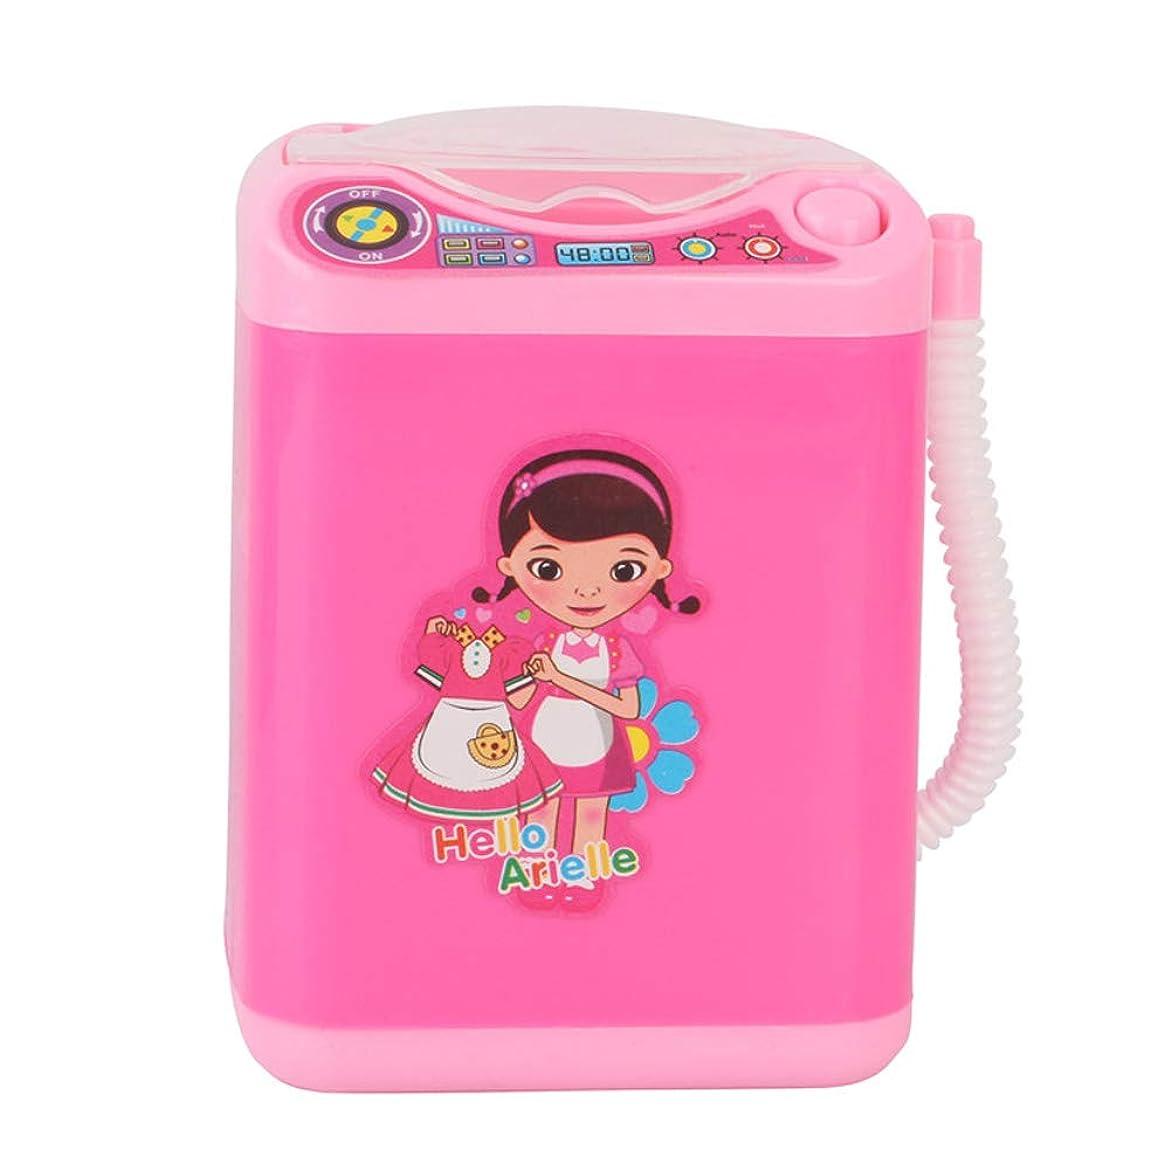 ZooArts 化粧ブラシ洗浄器 電動メイクブラシクリーナー 自動洗浄 電池式 ミニ洗濯機 携帯便利 DIY 可愛い 子供のおもちゃとしても大歓迎